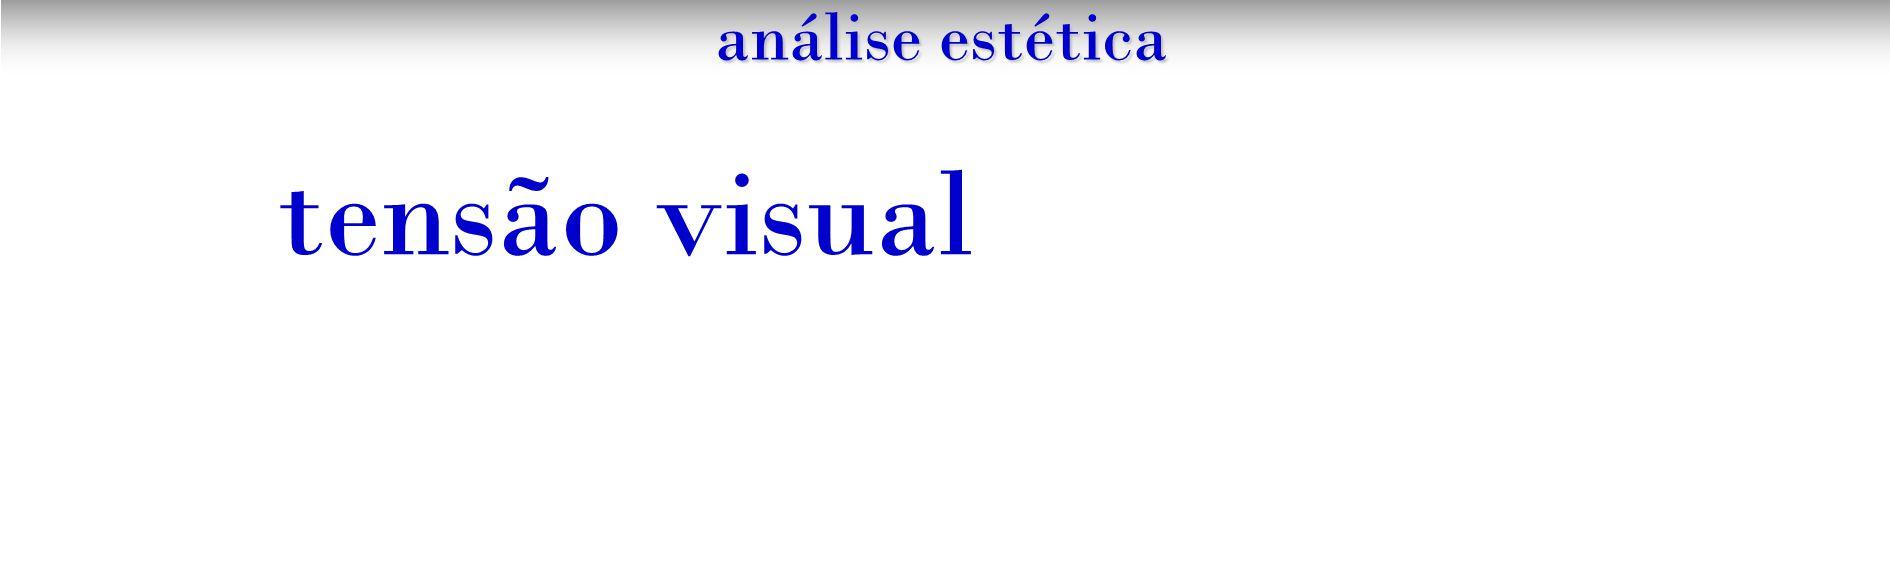 análise estética tensão visual